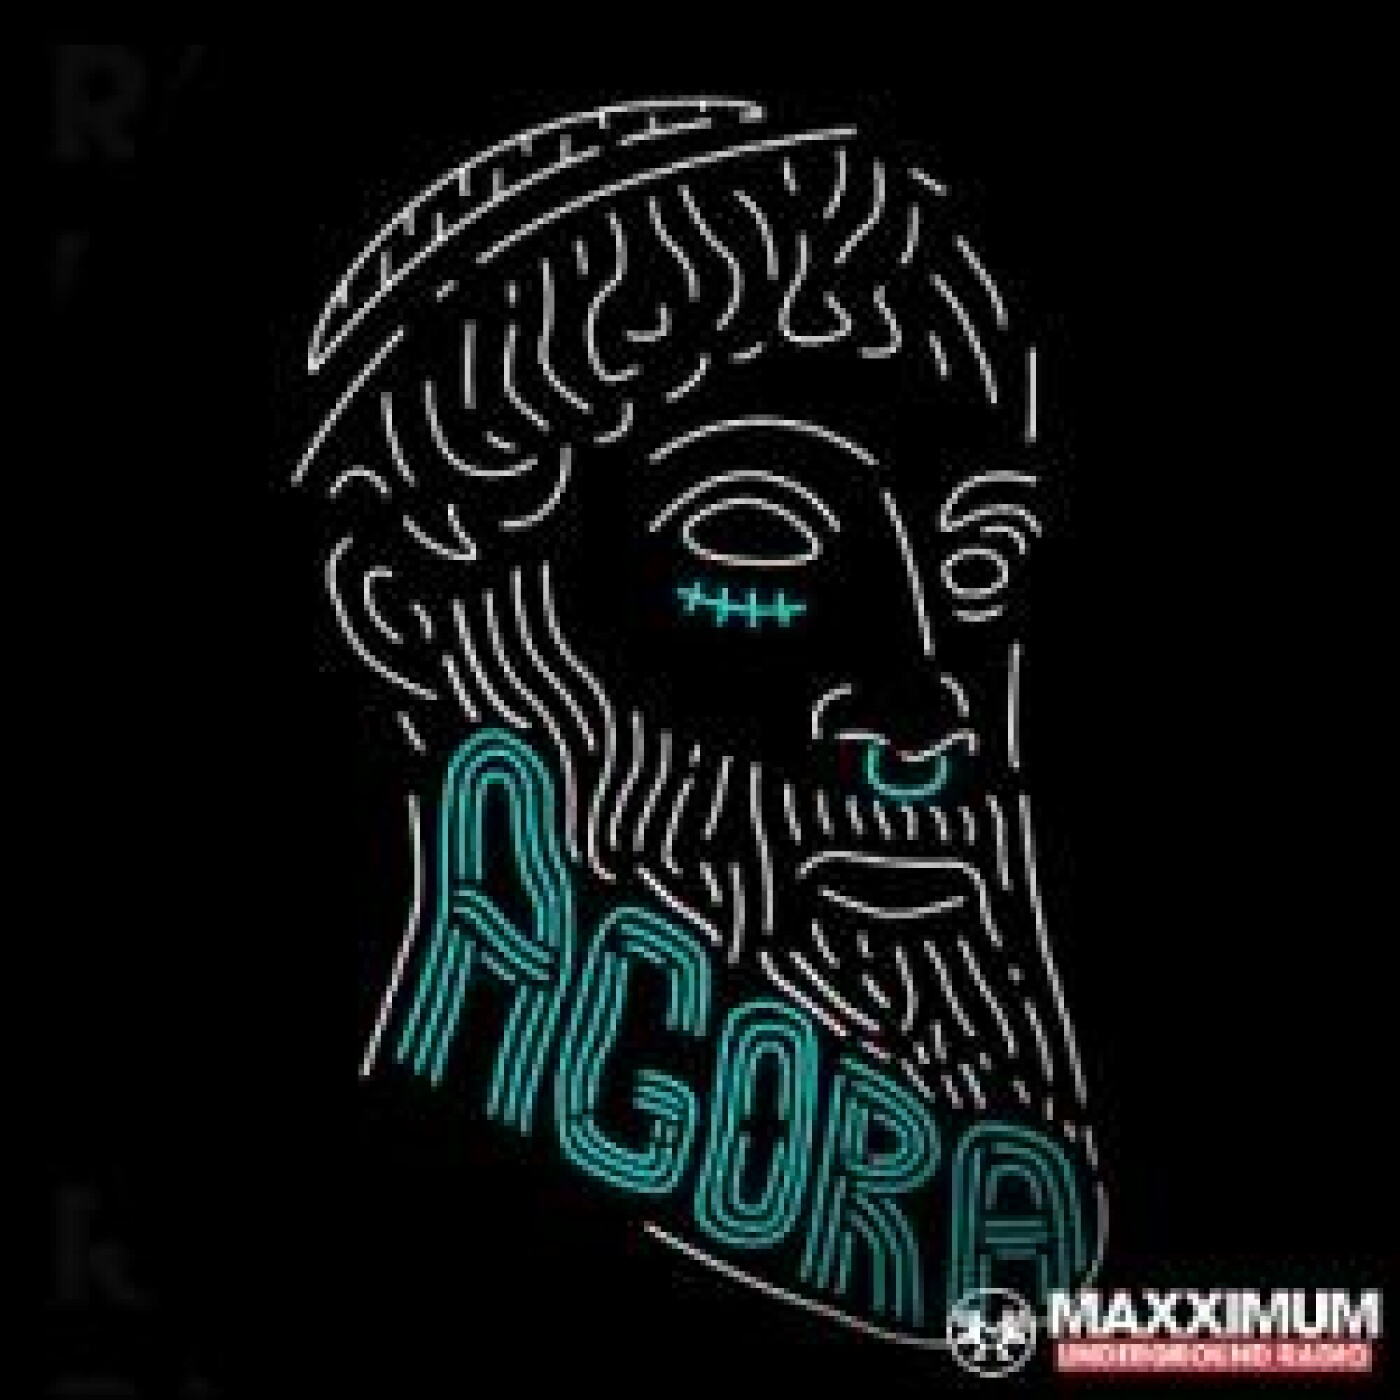 RAVEMAXX : MAHARTI